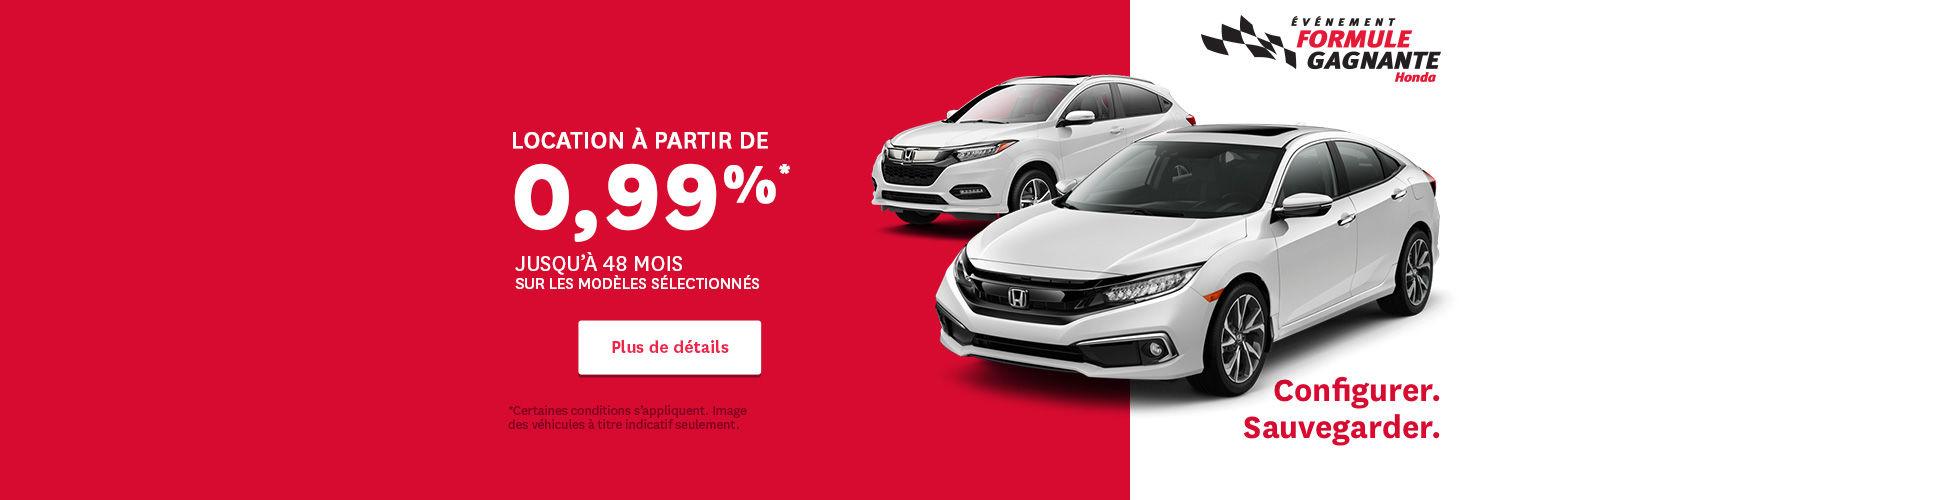 Événement Honda - header